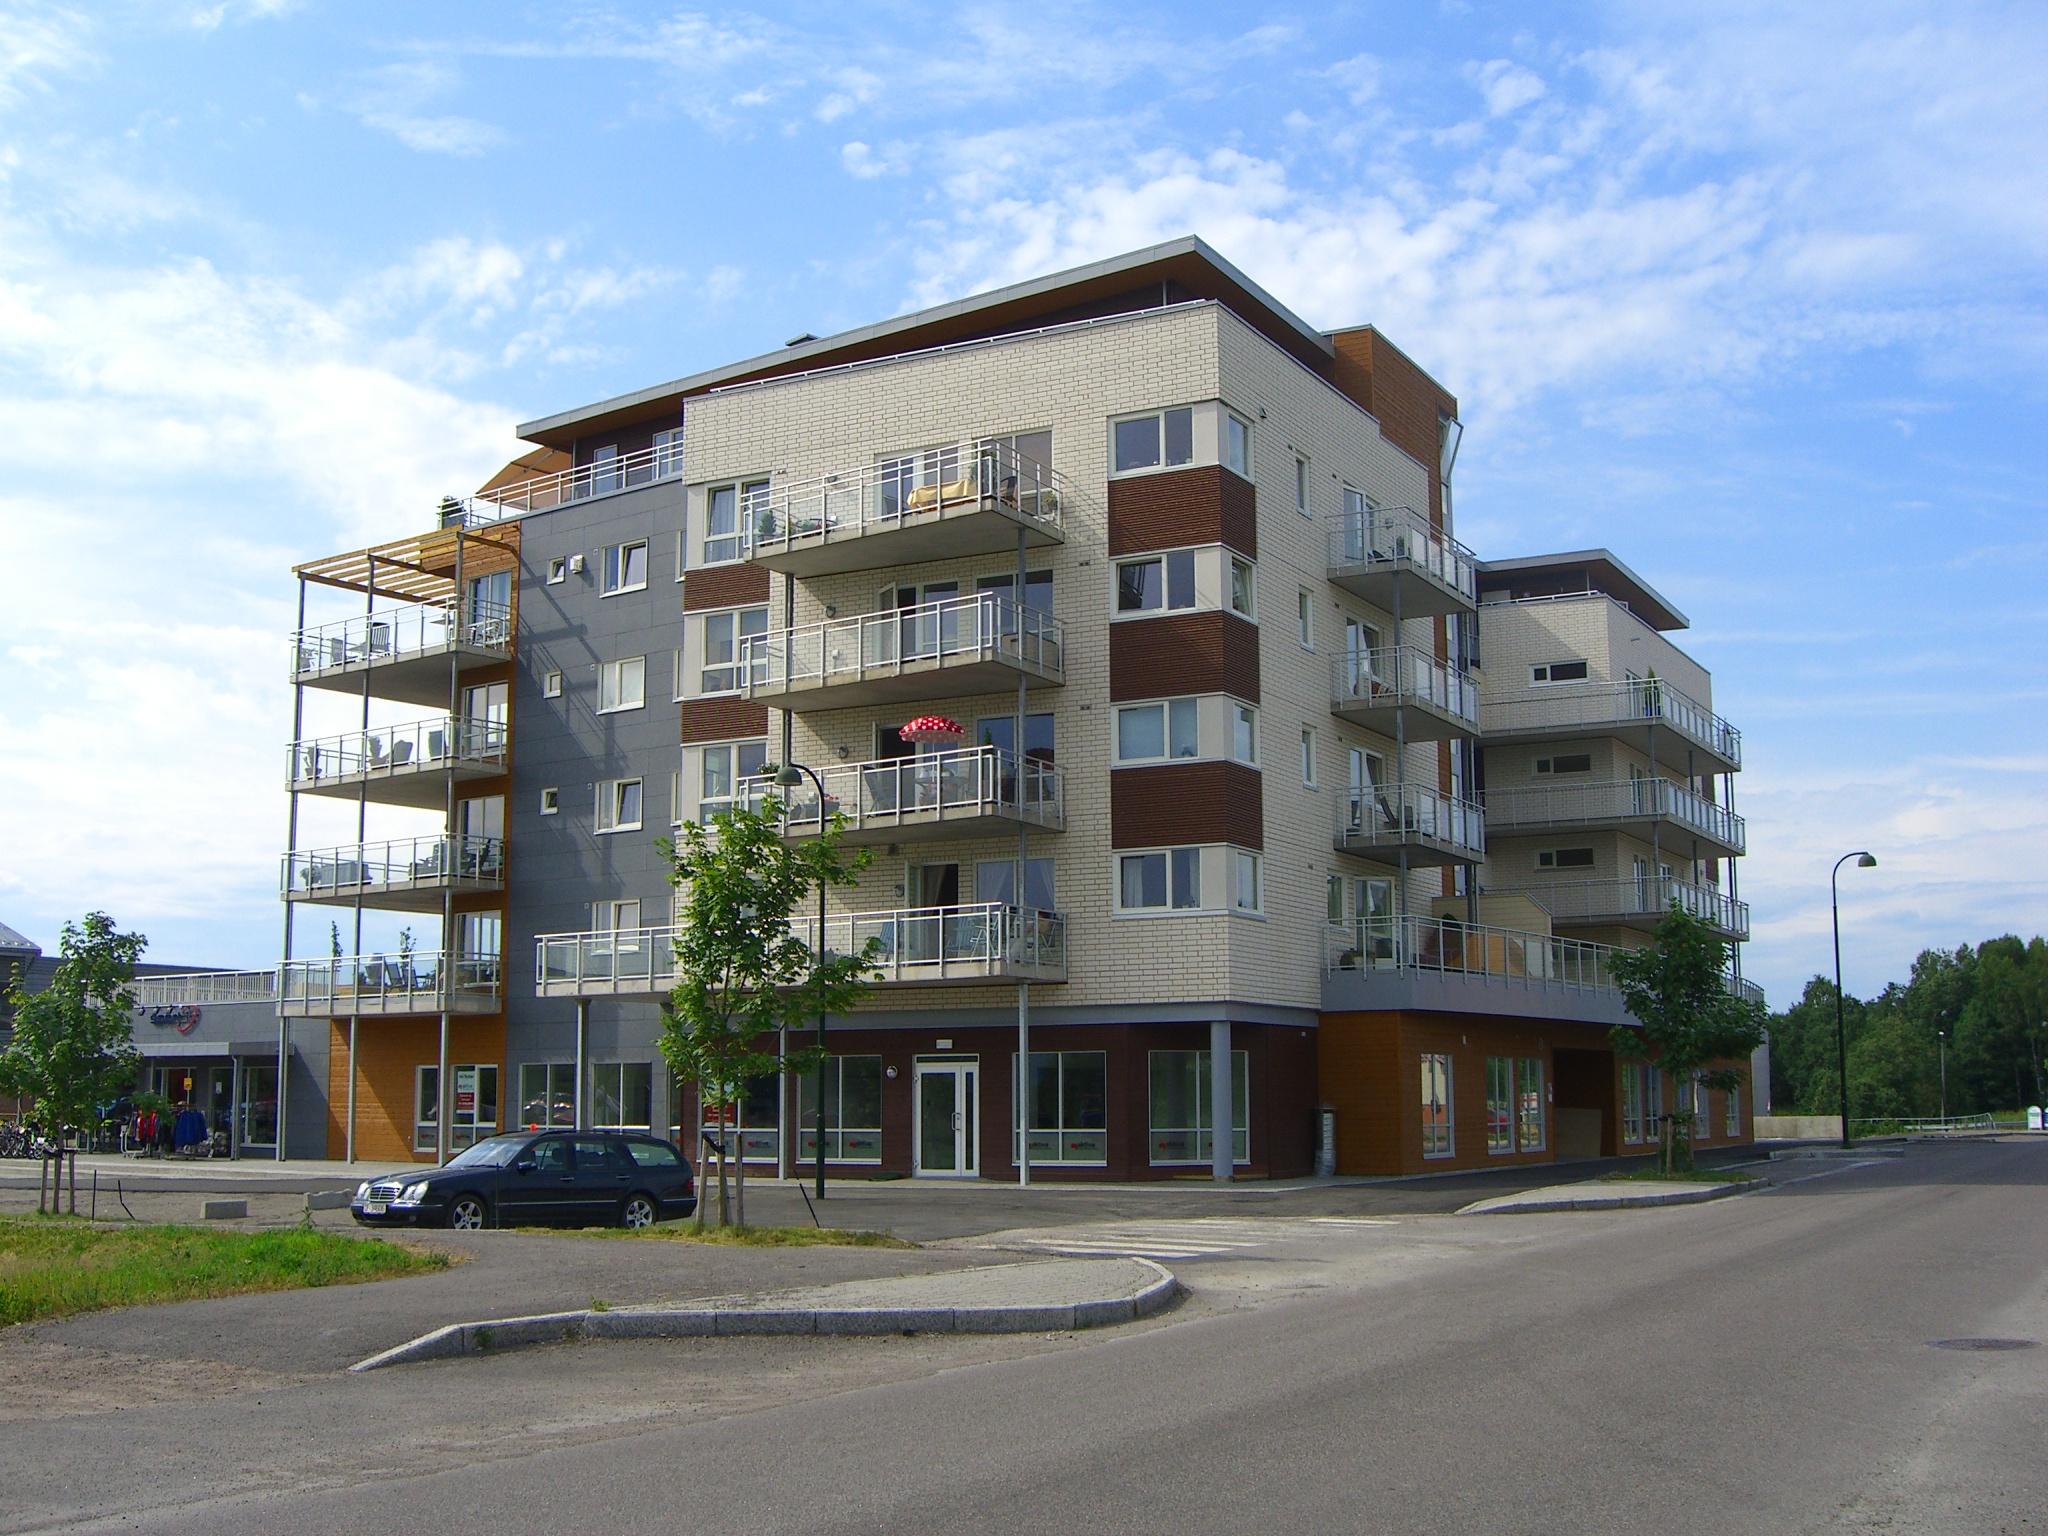 2009_Reark_Torvparken 1_07-142_Ekst 01.JPG